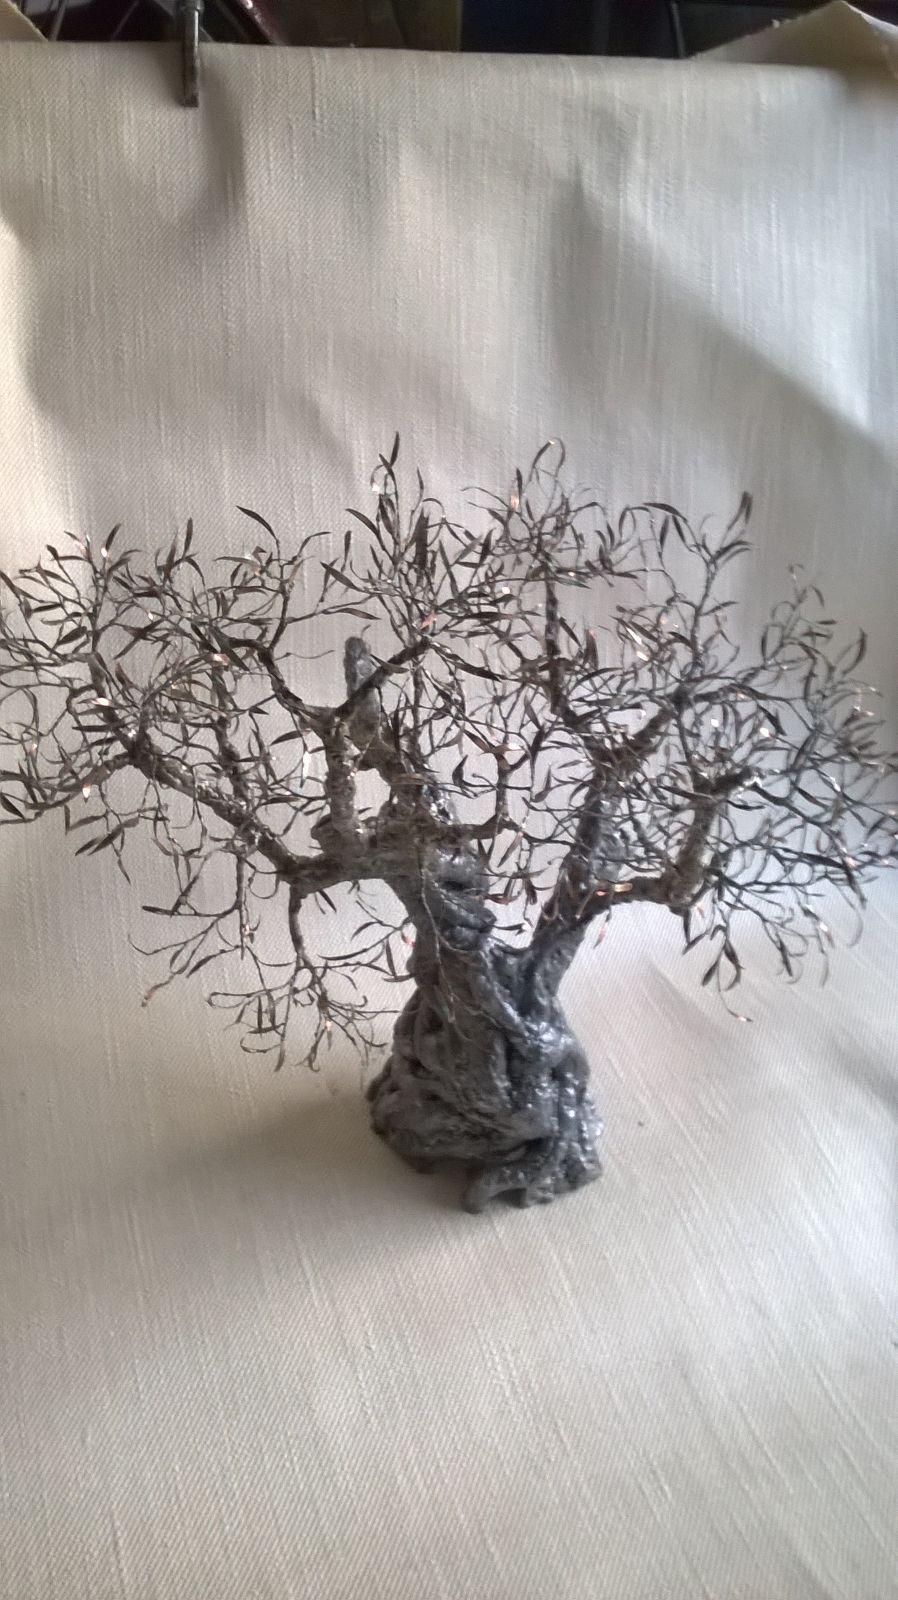 La xylella: La rinascita degli alberi di ulivo  forgiati con rame e stagno, l'artista è un cavallinese